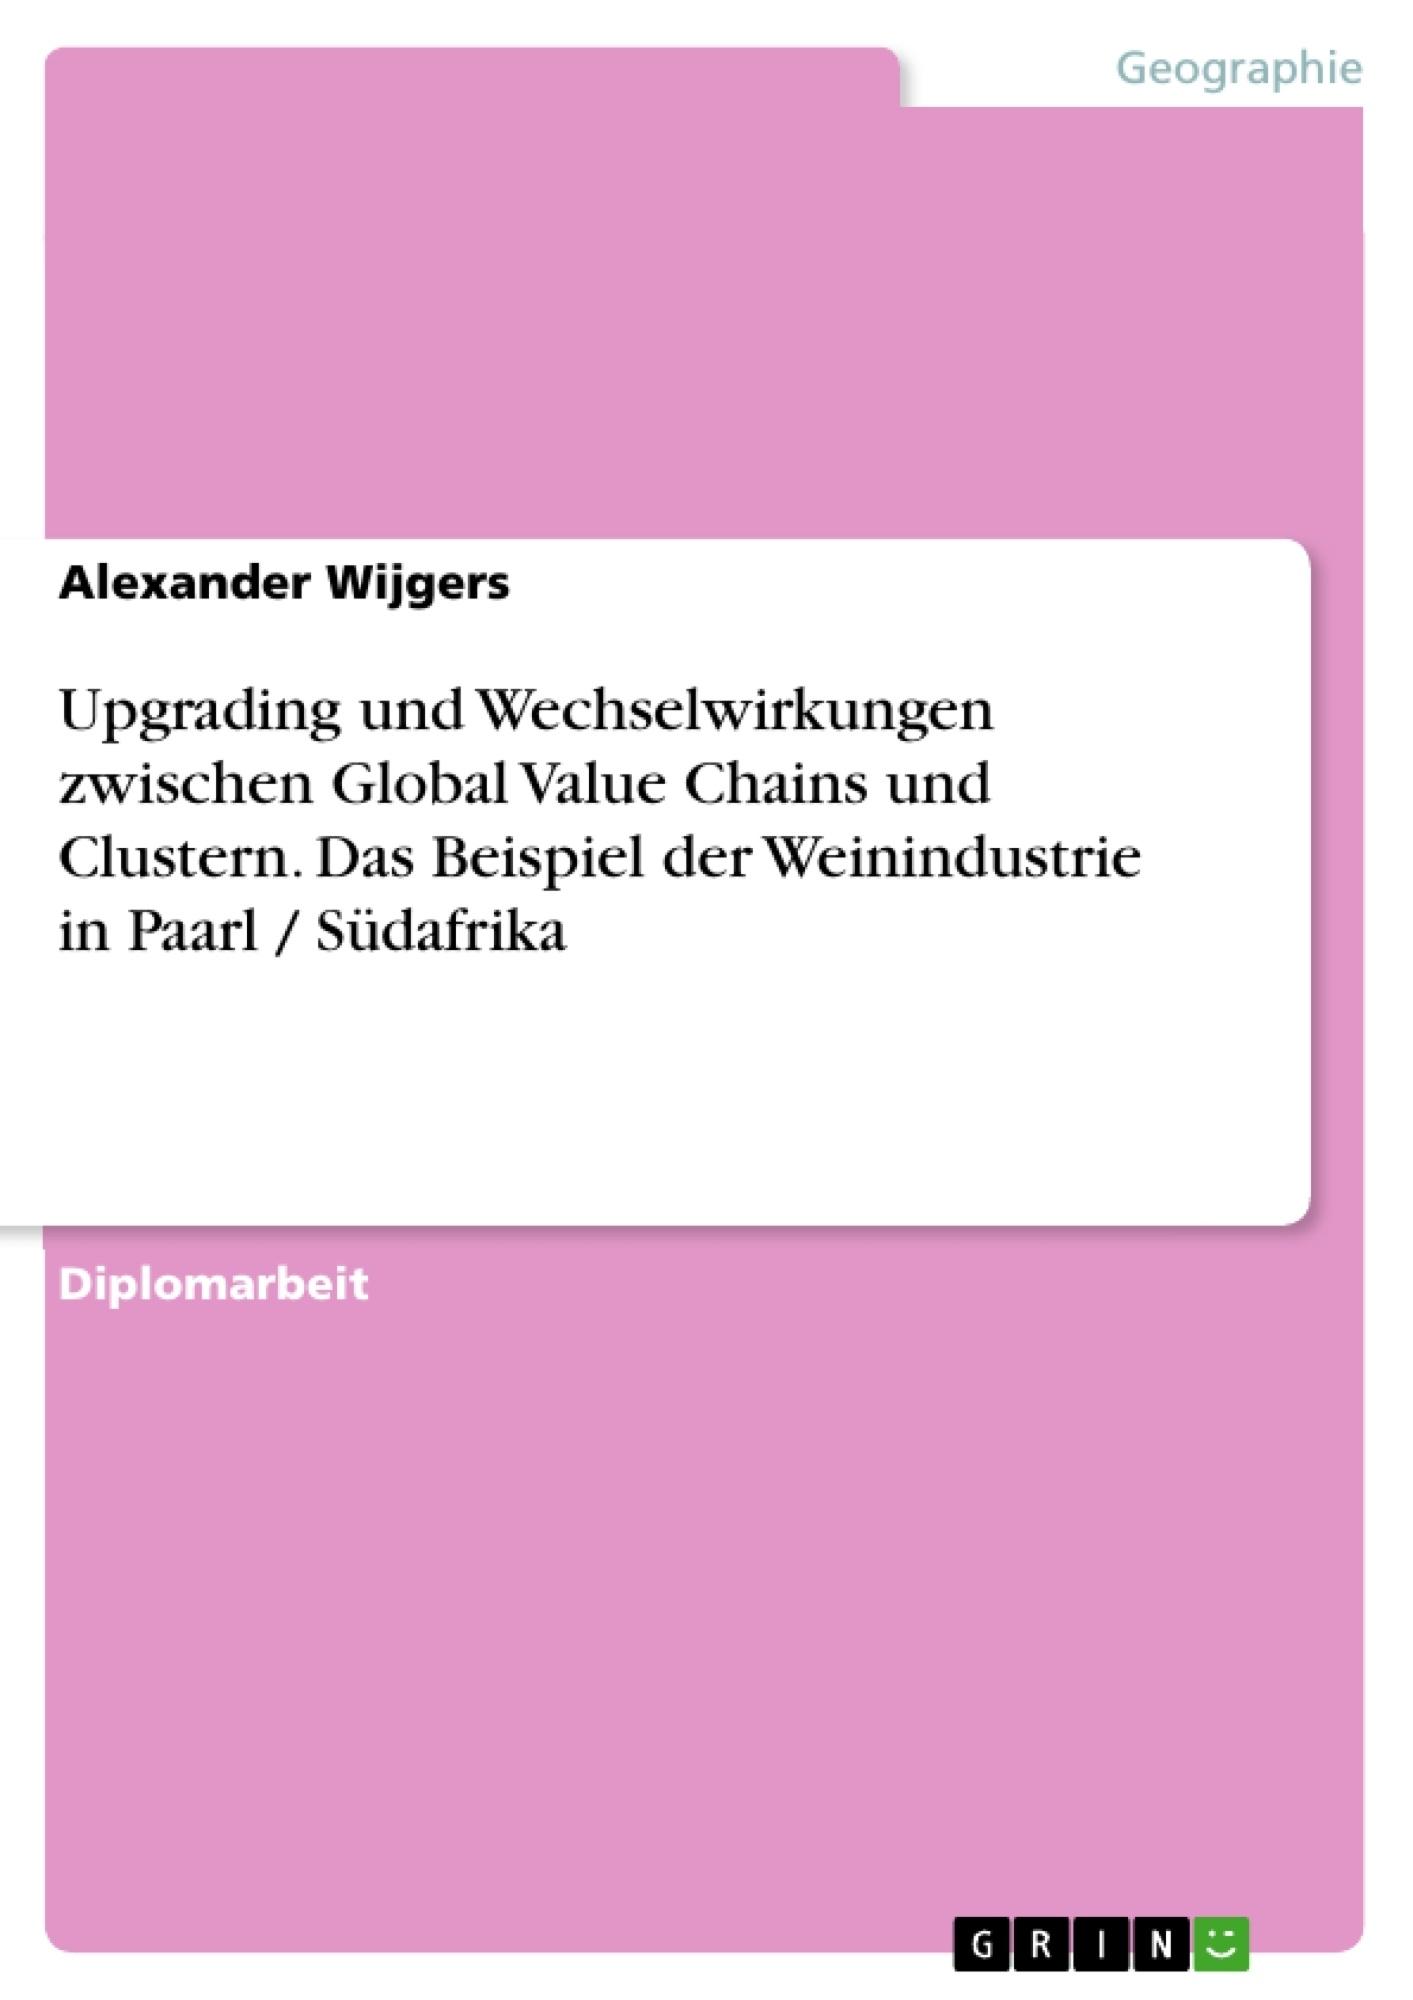 Titel: Upgrading und Wechselwirkungen zwischen Global Value Chains und Clustern. Das Beispiel der Weinindustrie in Paarl / Südafrika